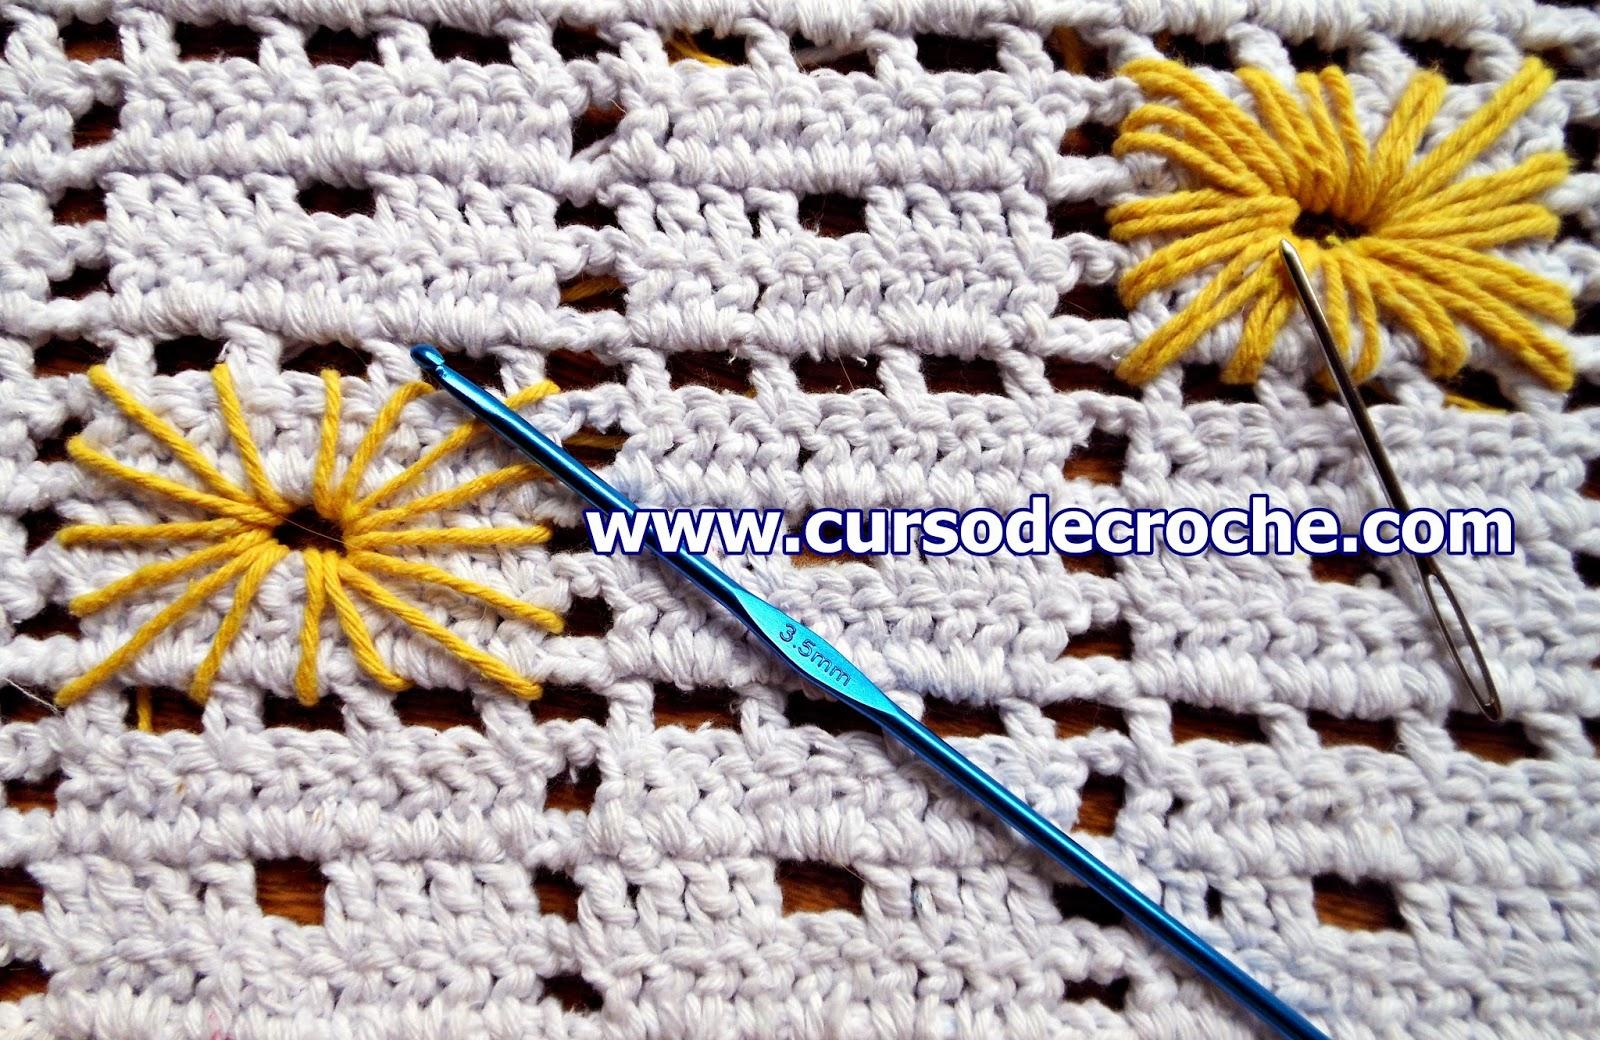 dvd da coleção aprendi e ensinei com Edinir-Croche na loja curso de croche com frete gratis